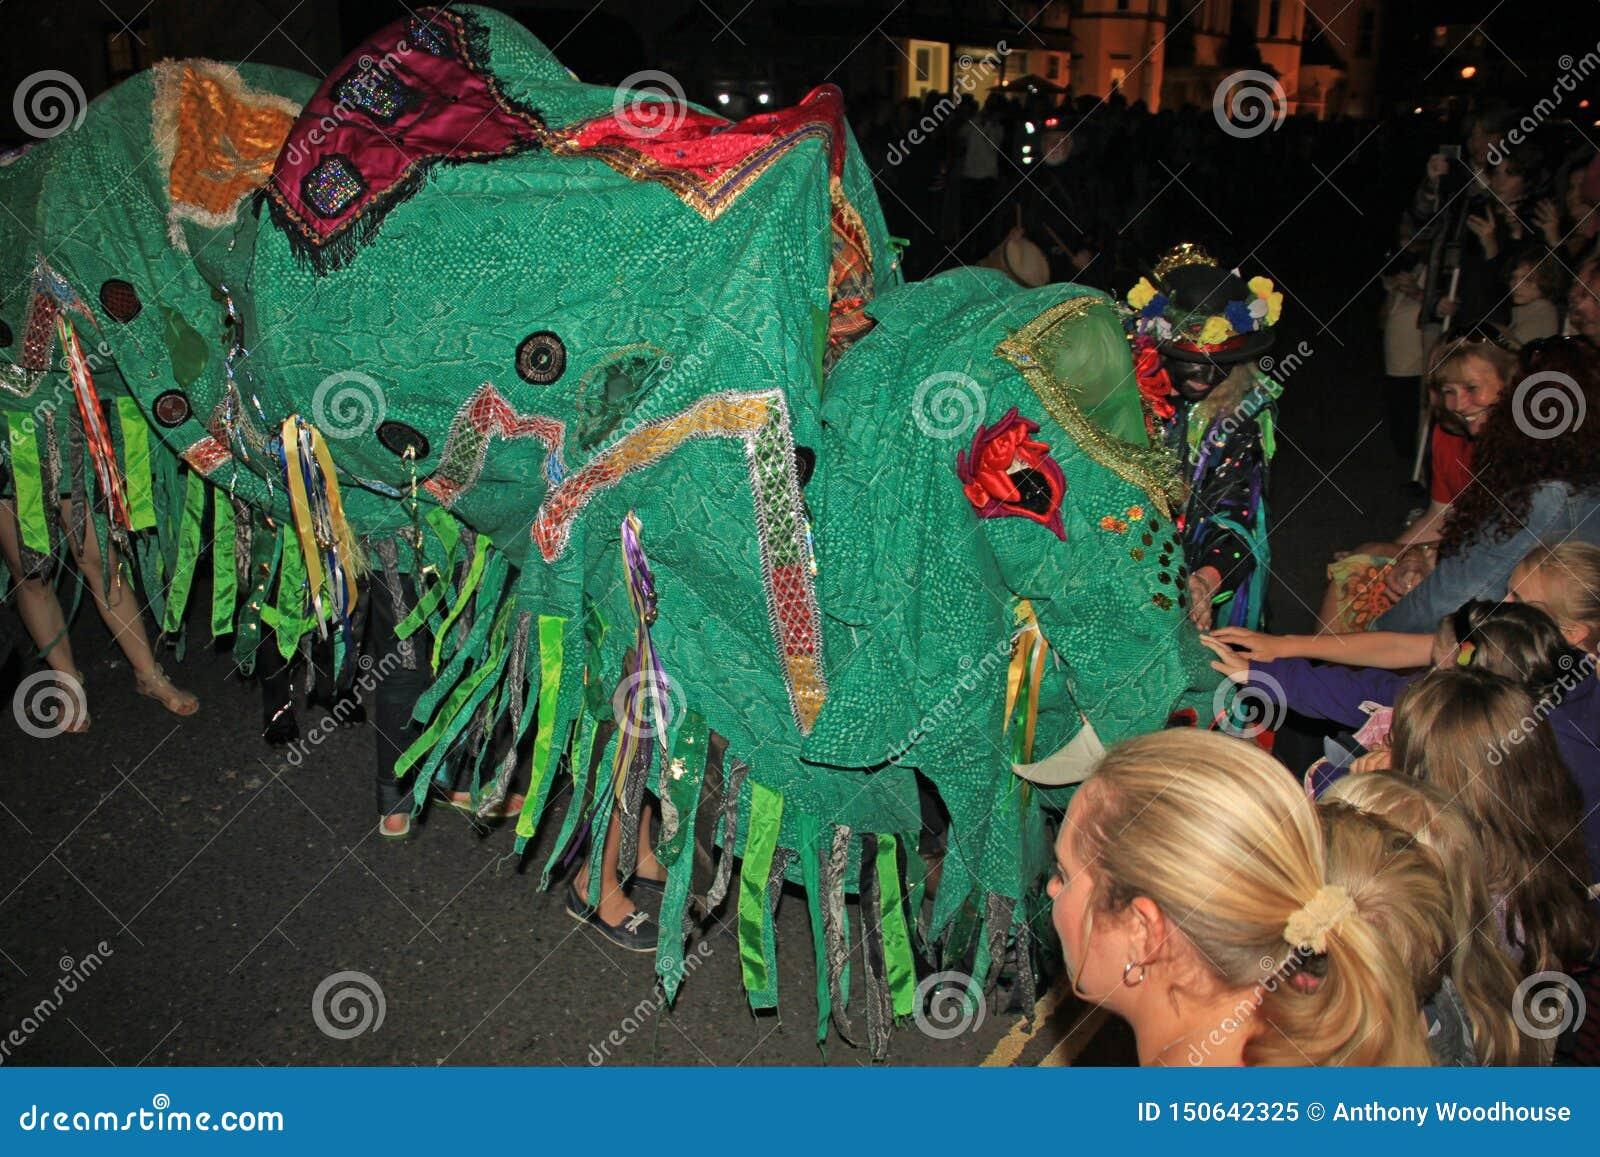 西德茅斯,德文郡,英国- 2012年8月10日:当它参加夜间,一条绿色中国龙得到抚摸由观众